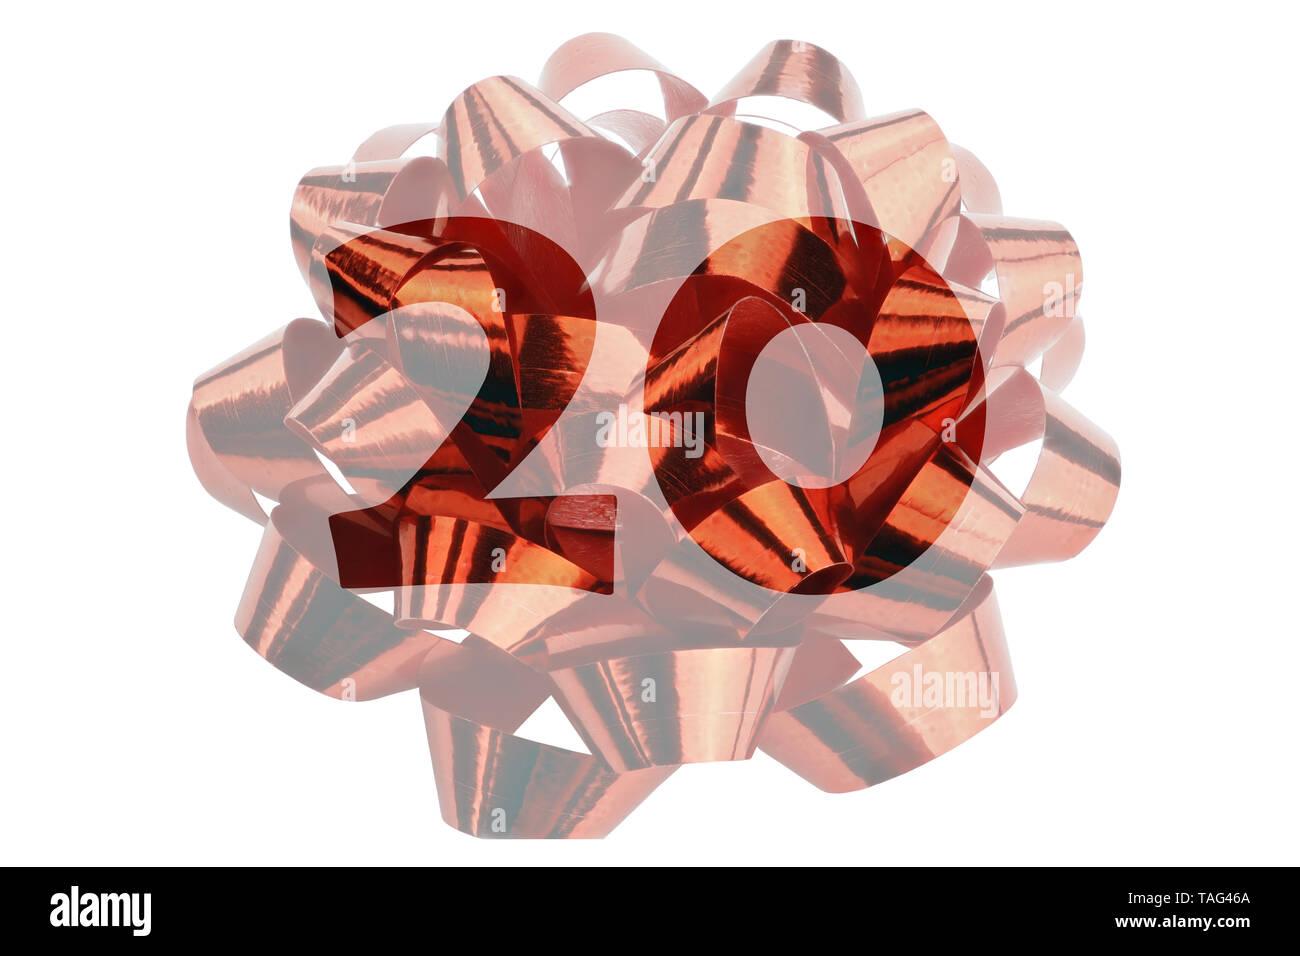 Immagine di un dono alleggerita loop di regalo rossa con nastro trasparente numero 20 nel colore originale Immagini Stock